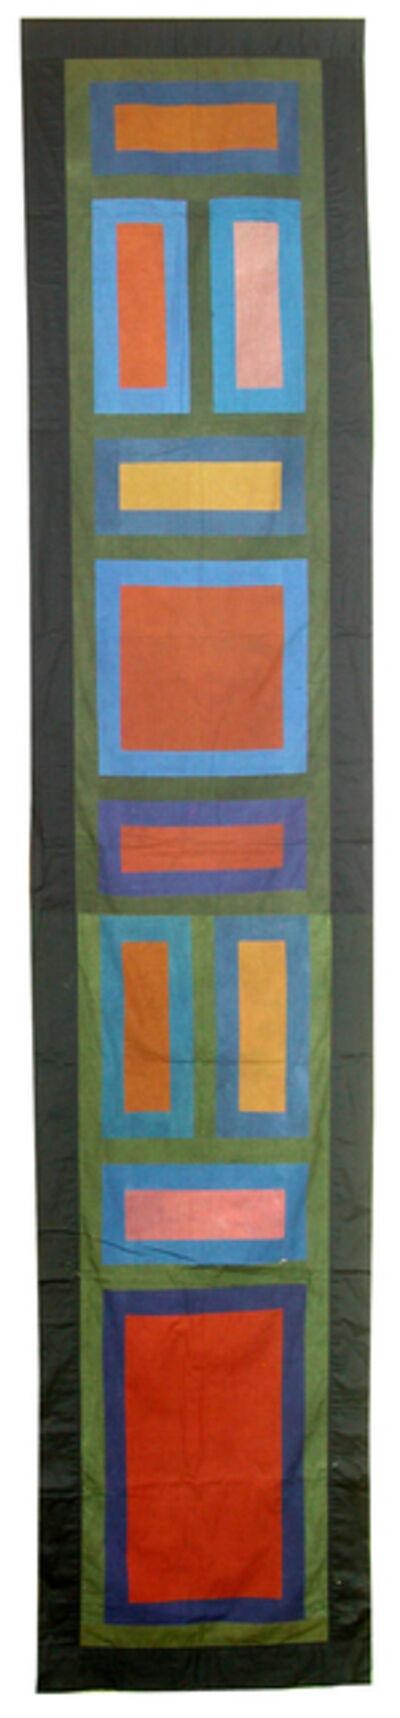 Chant Avedissian, 'Panel B', 1988-1999